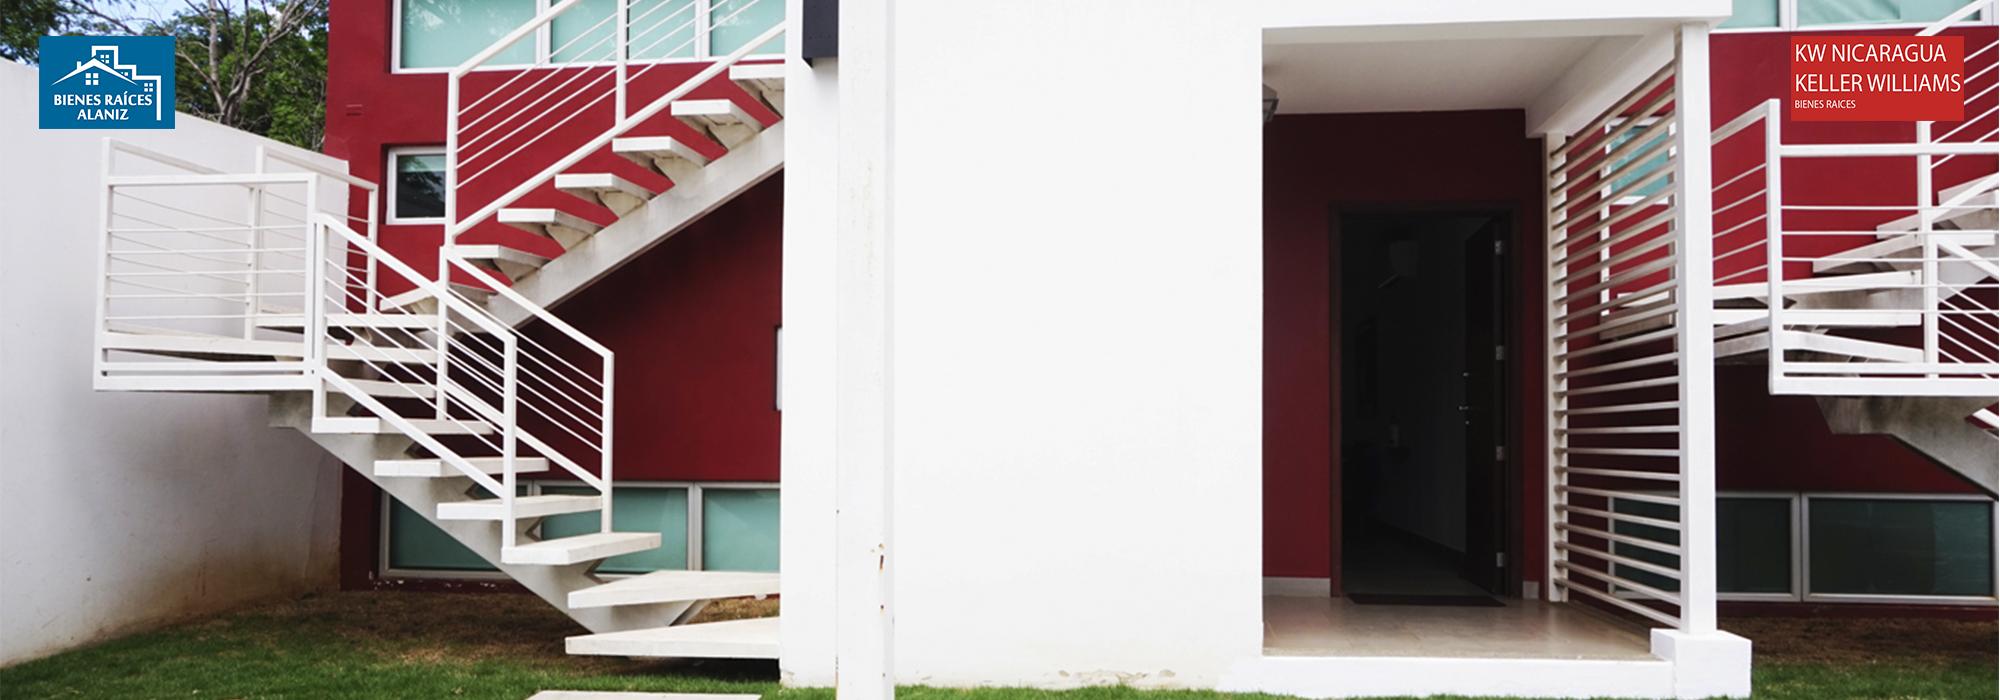 Se vende apartamento full amueblado en Pinares de Santo Domingo, Managua